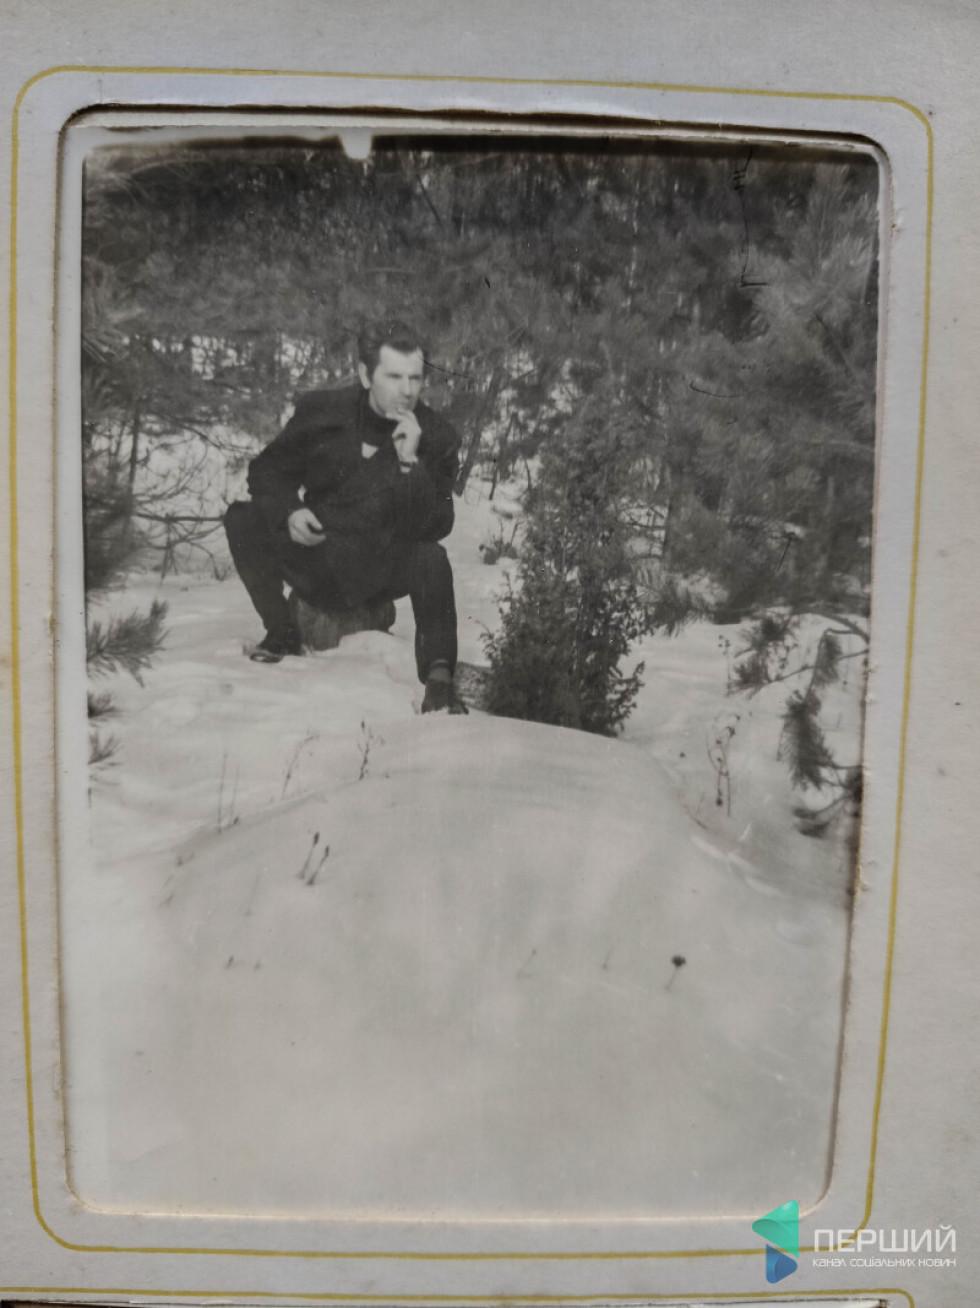 Йосип Зламанець на могилі матері Пелагії у лісі, де її нашвидкуруч поховали у 44-му